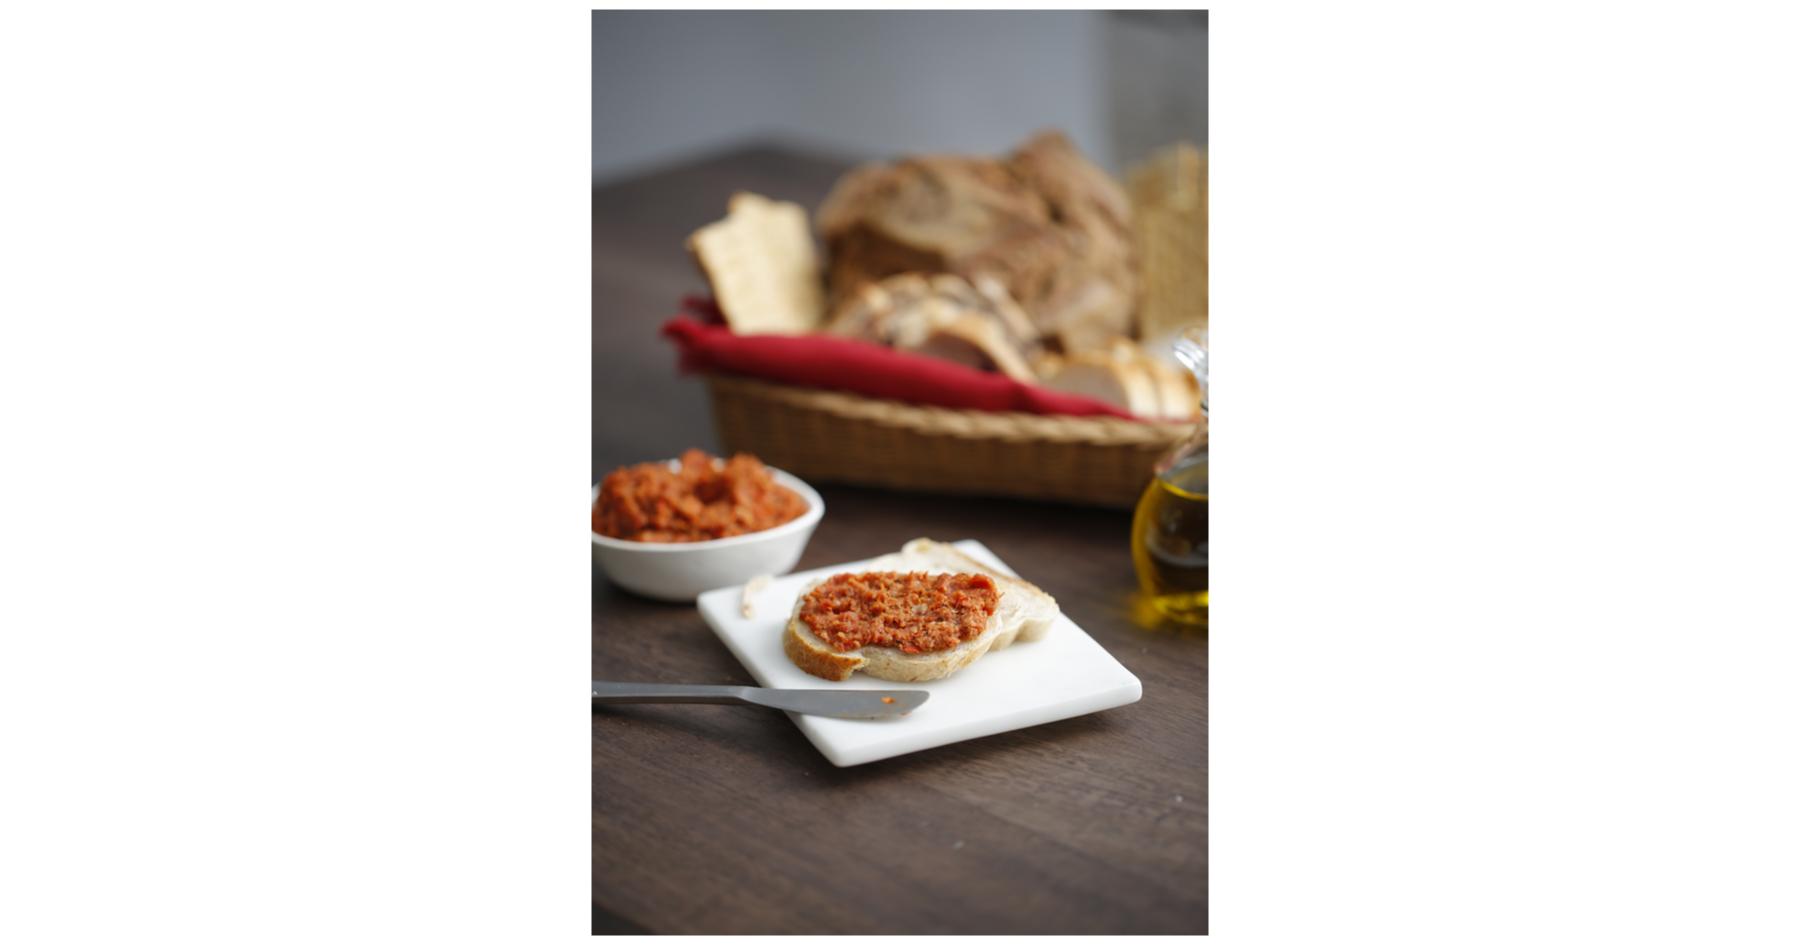 Spicy prosciutto spread